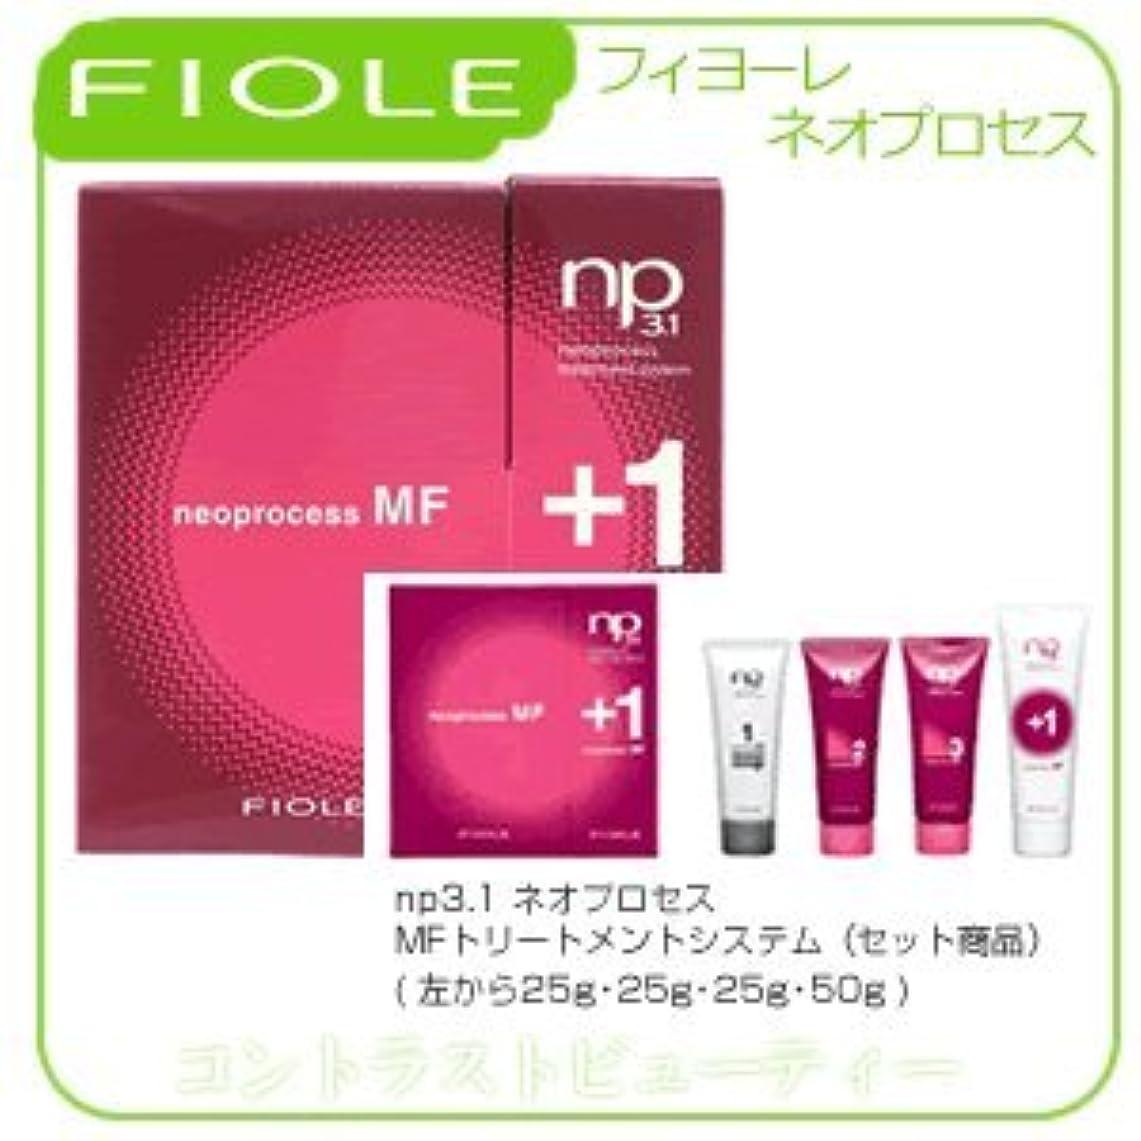 ハウジング単位環境【X5個セット】 フィヨーレ NP3.1 ネオプロセス MF トリートメントシステム FIOLE ネオプロセス